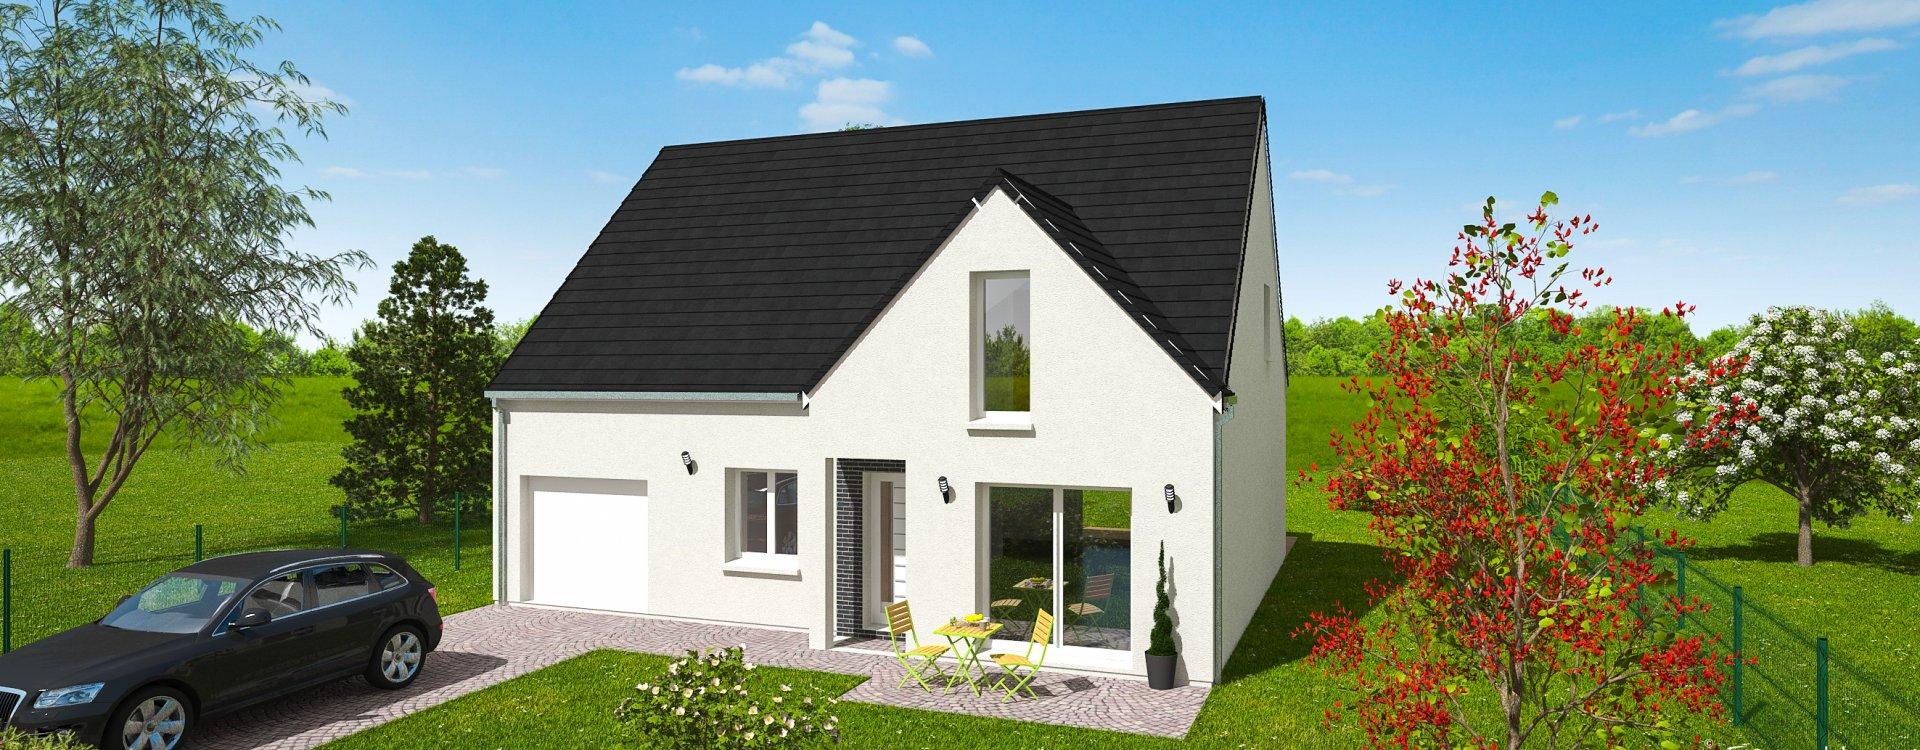 Maisons + Terrains du constructeur EASY HOUSE • 131 m² • CHECY